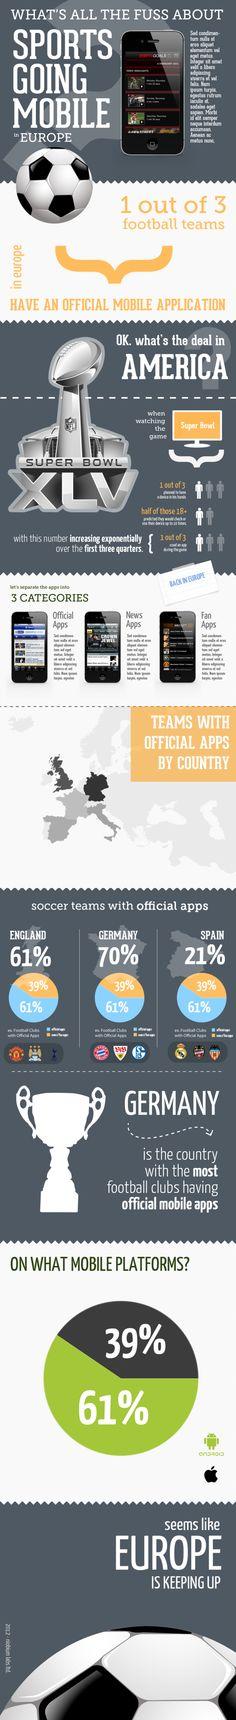 El deporte se hace móvil en Europa